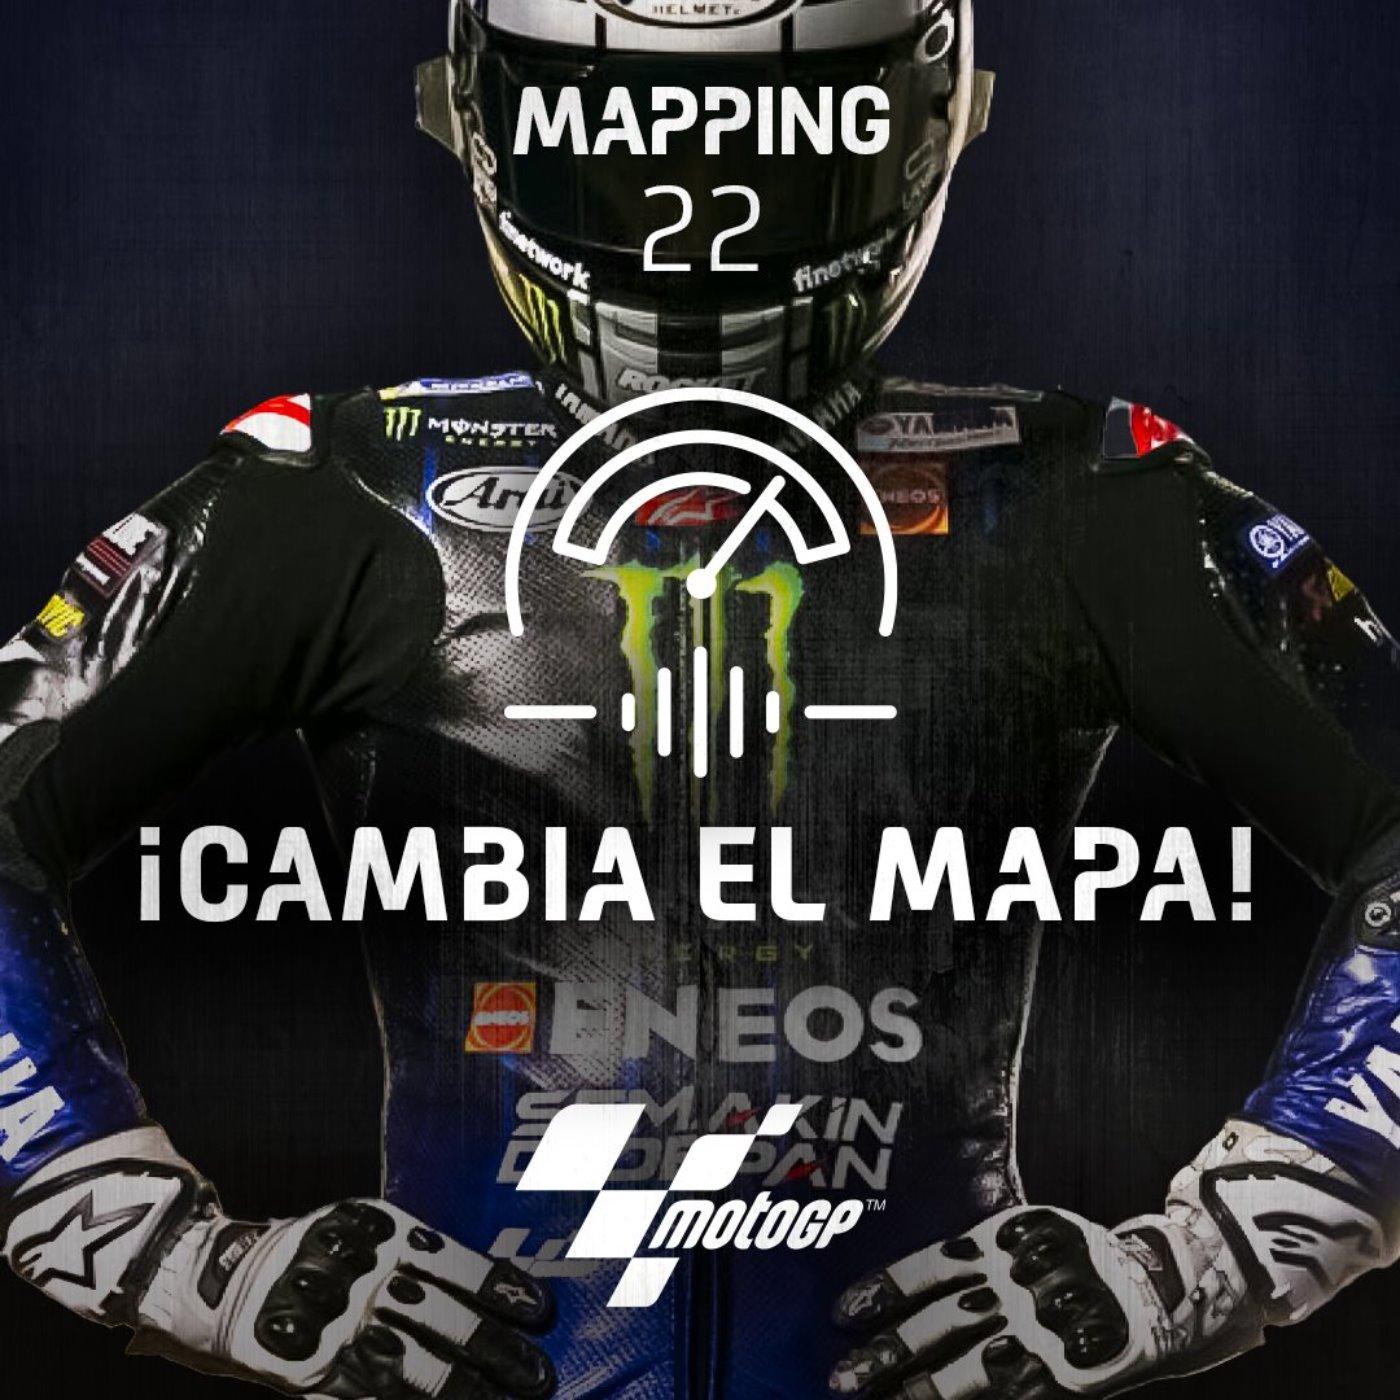 """Mapping 22: Viñales, un Mundial """"a muerte"""" sin calculadora"""